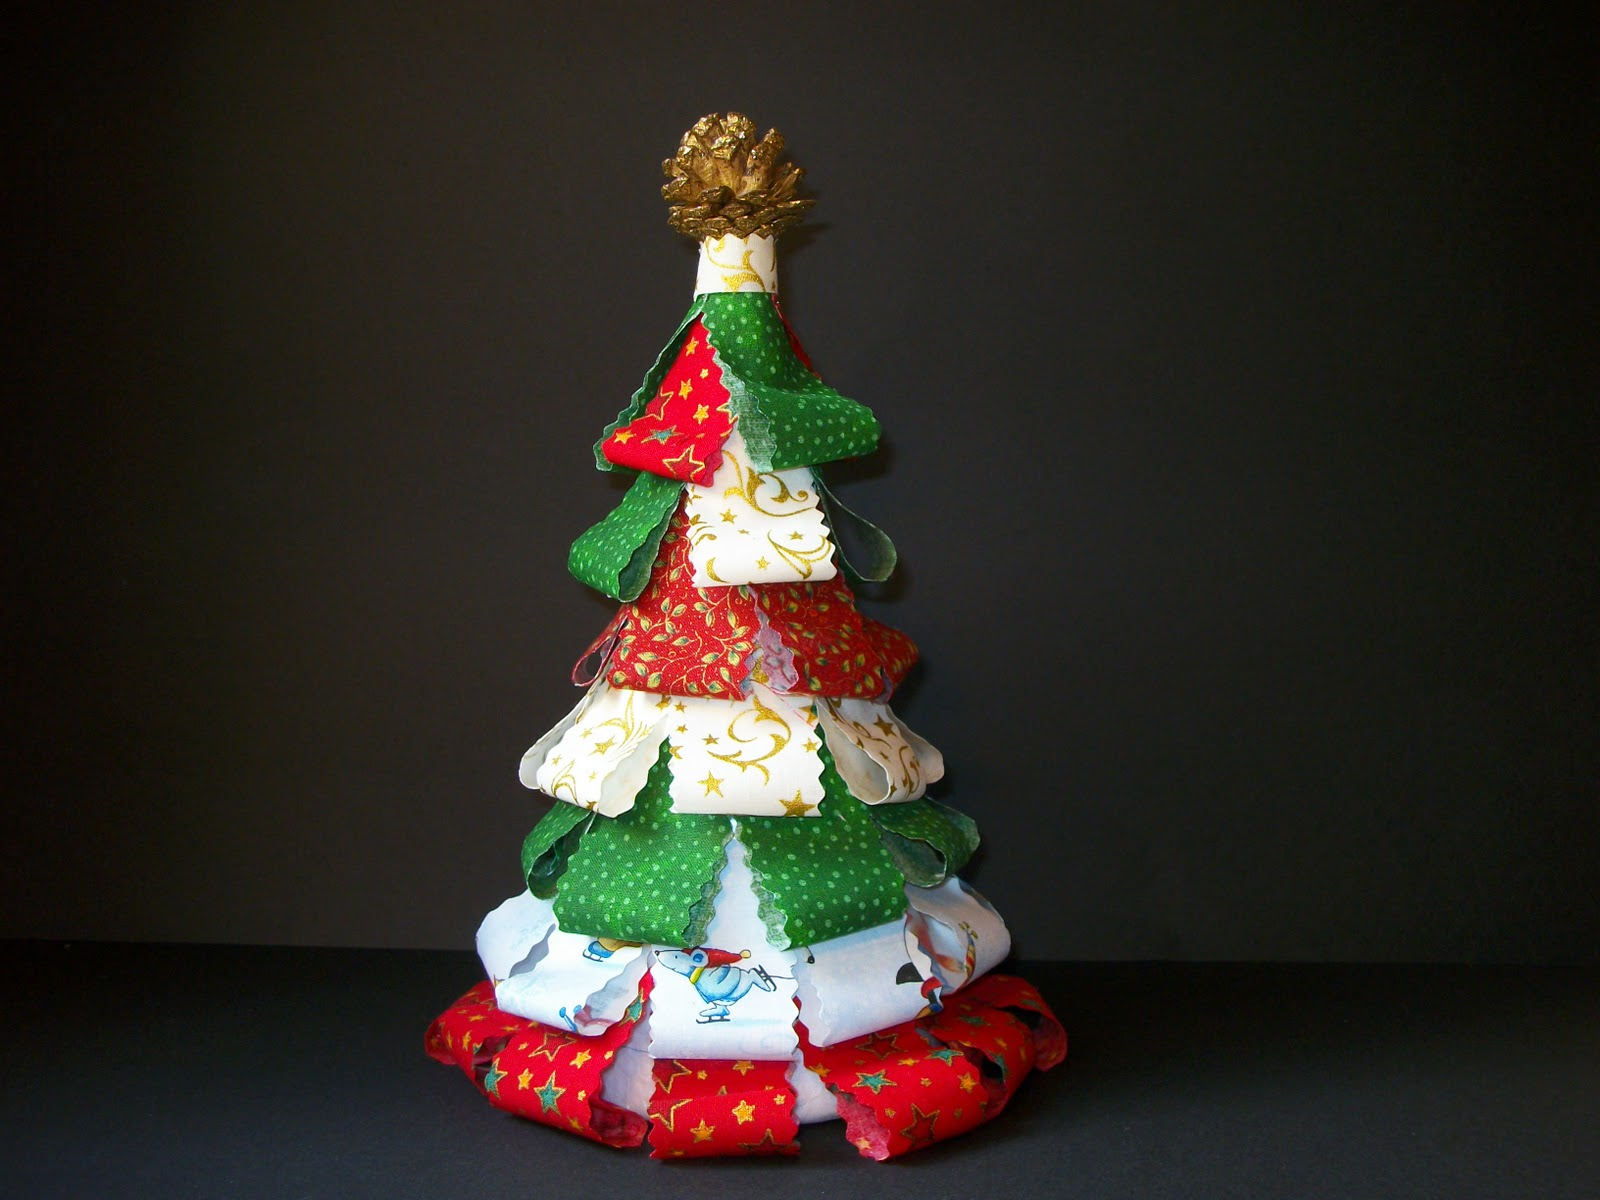 Las labores de la abuela kiki arbol de navidad - Arbol navidad tela ...